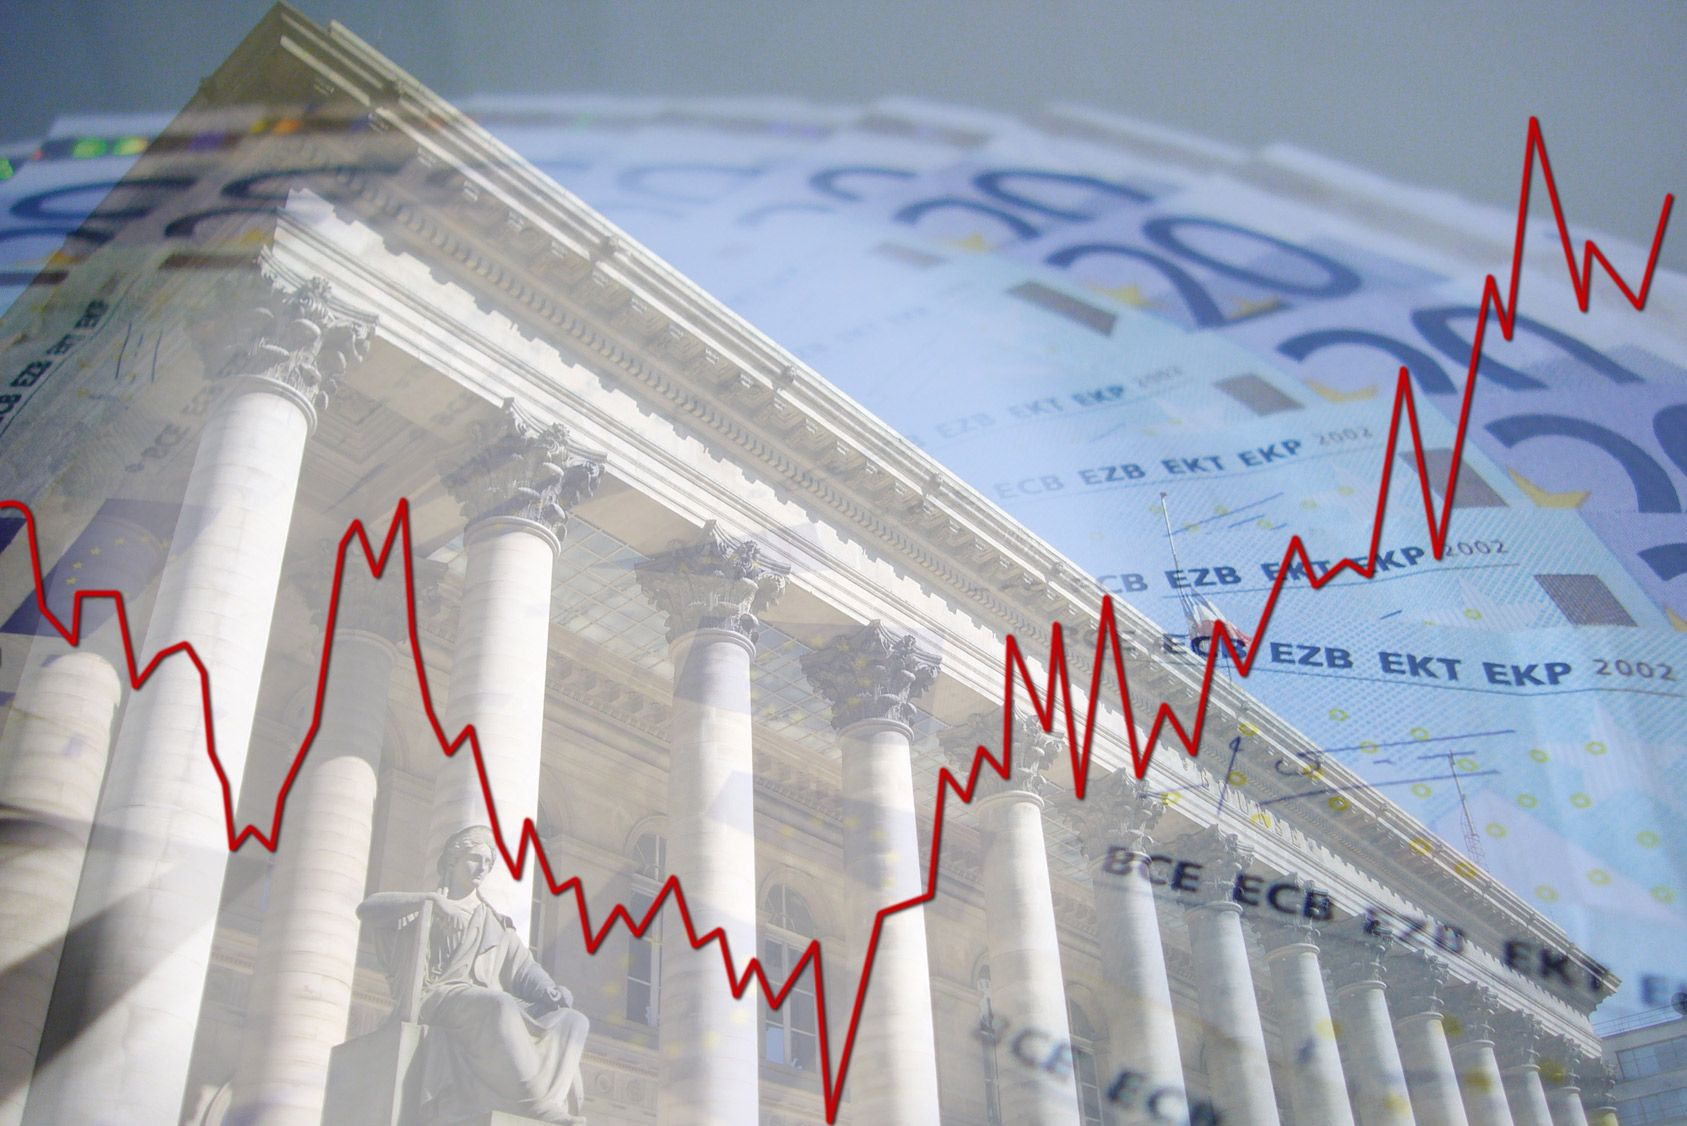 La gestion passive, pour suivre les marchés à moindre coût